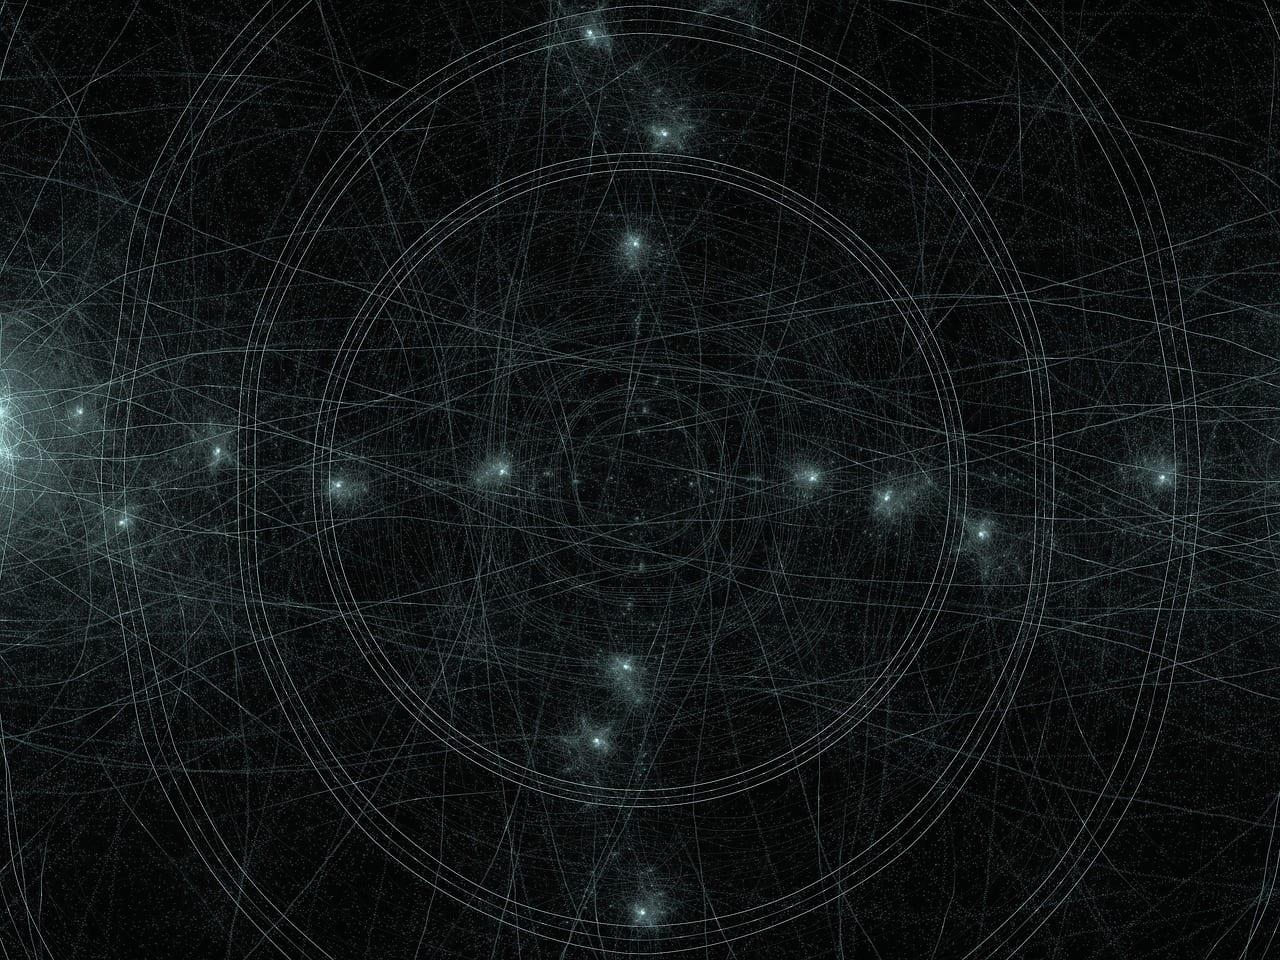 ¿Qué es la singularidad tecnológica?